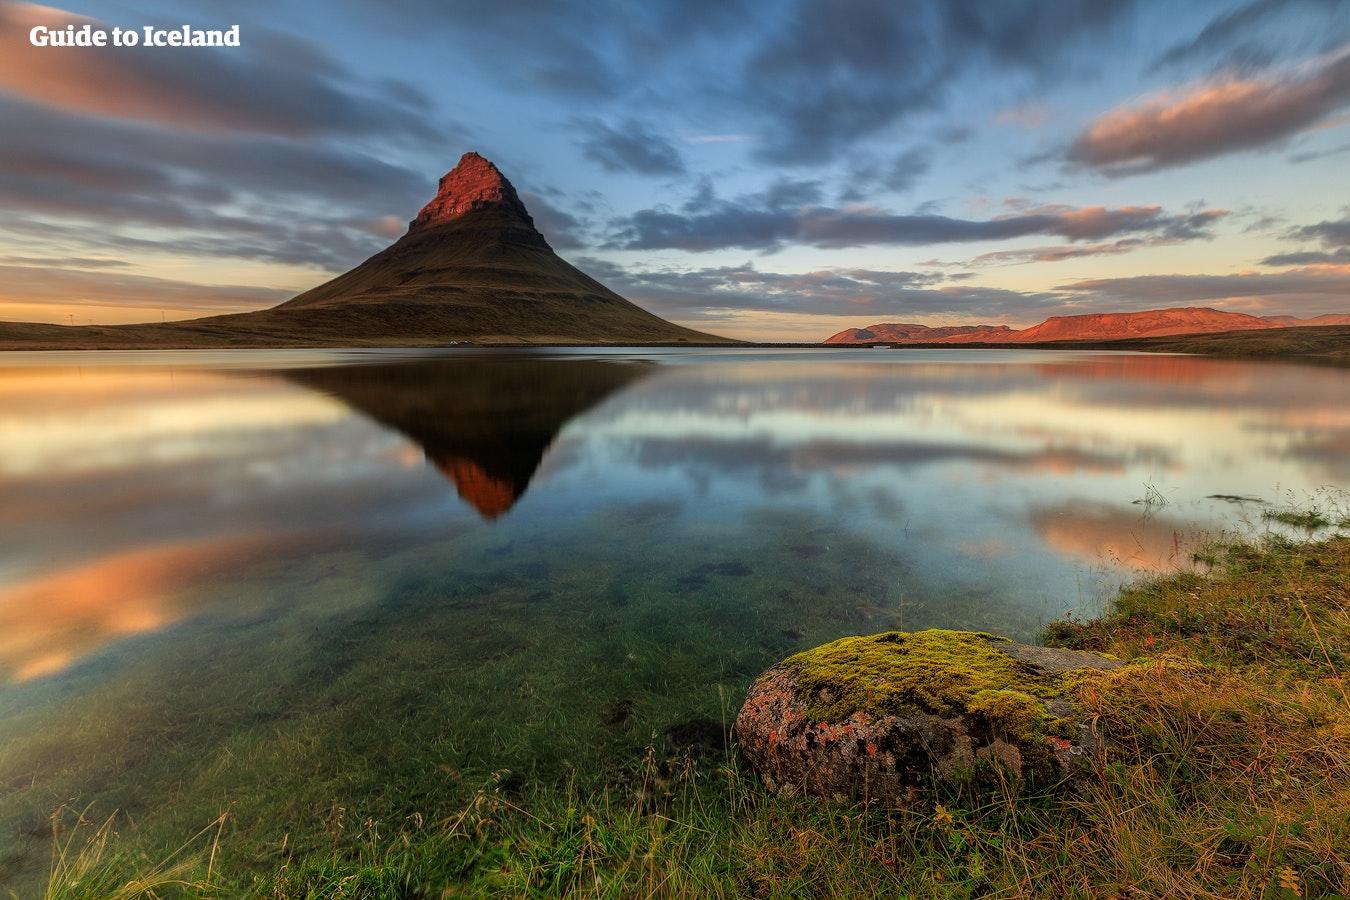 在总长约90公里的冰岛西部斯奈山半岛可以找到冰岛大部分极具特色的地质地貌